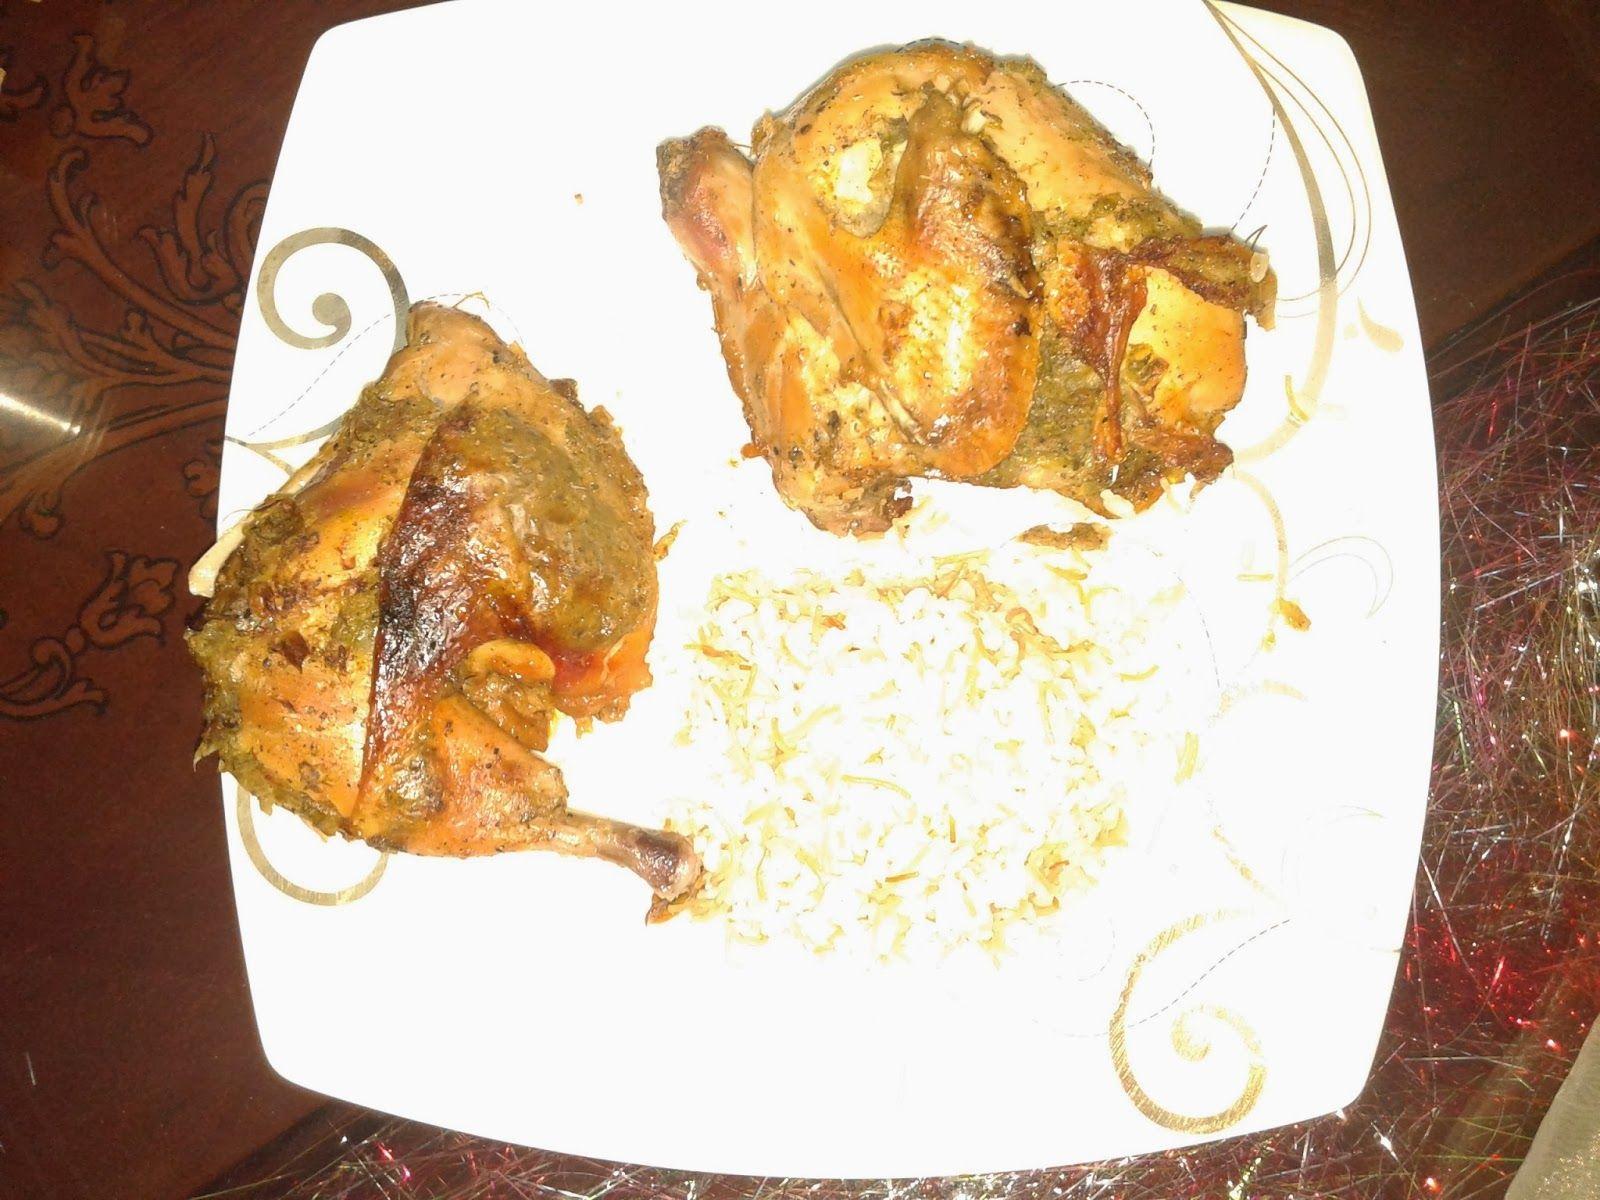 مطبخ أتوسه دجاج مشوى فى الفرن Grilled Chicken In The Oven Oven Grilled Chicken Chicken Food